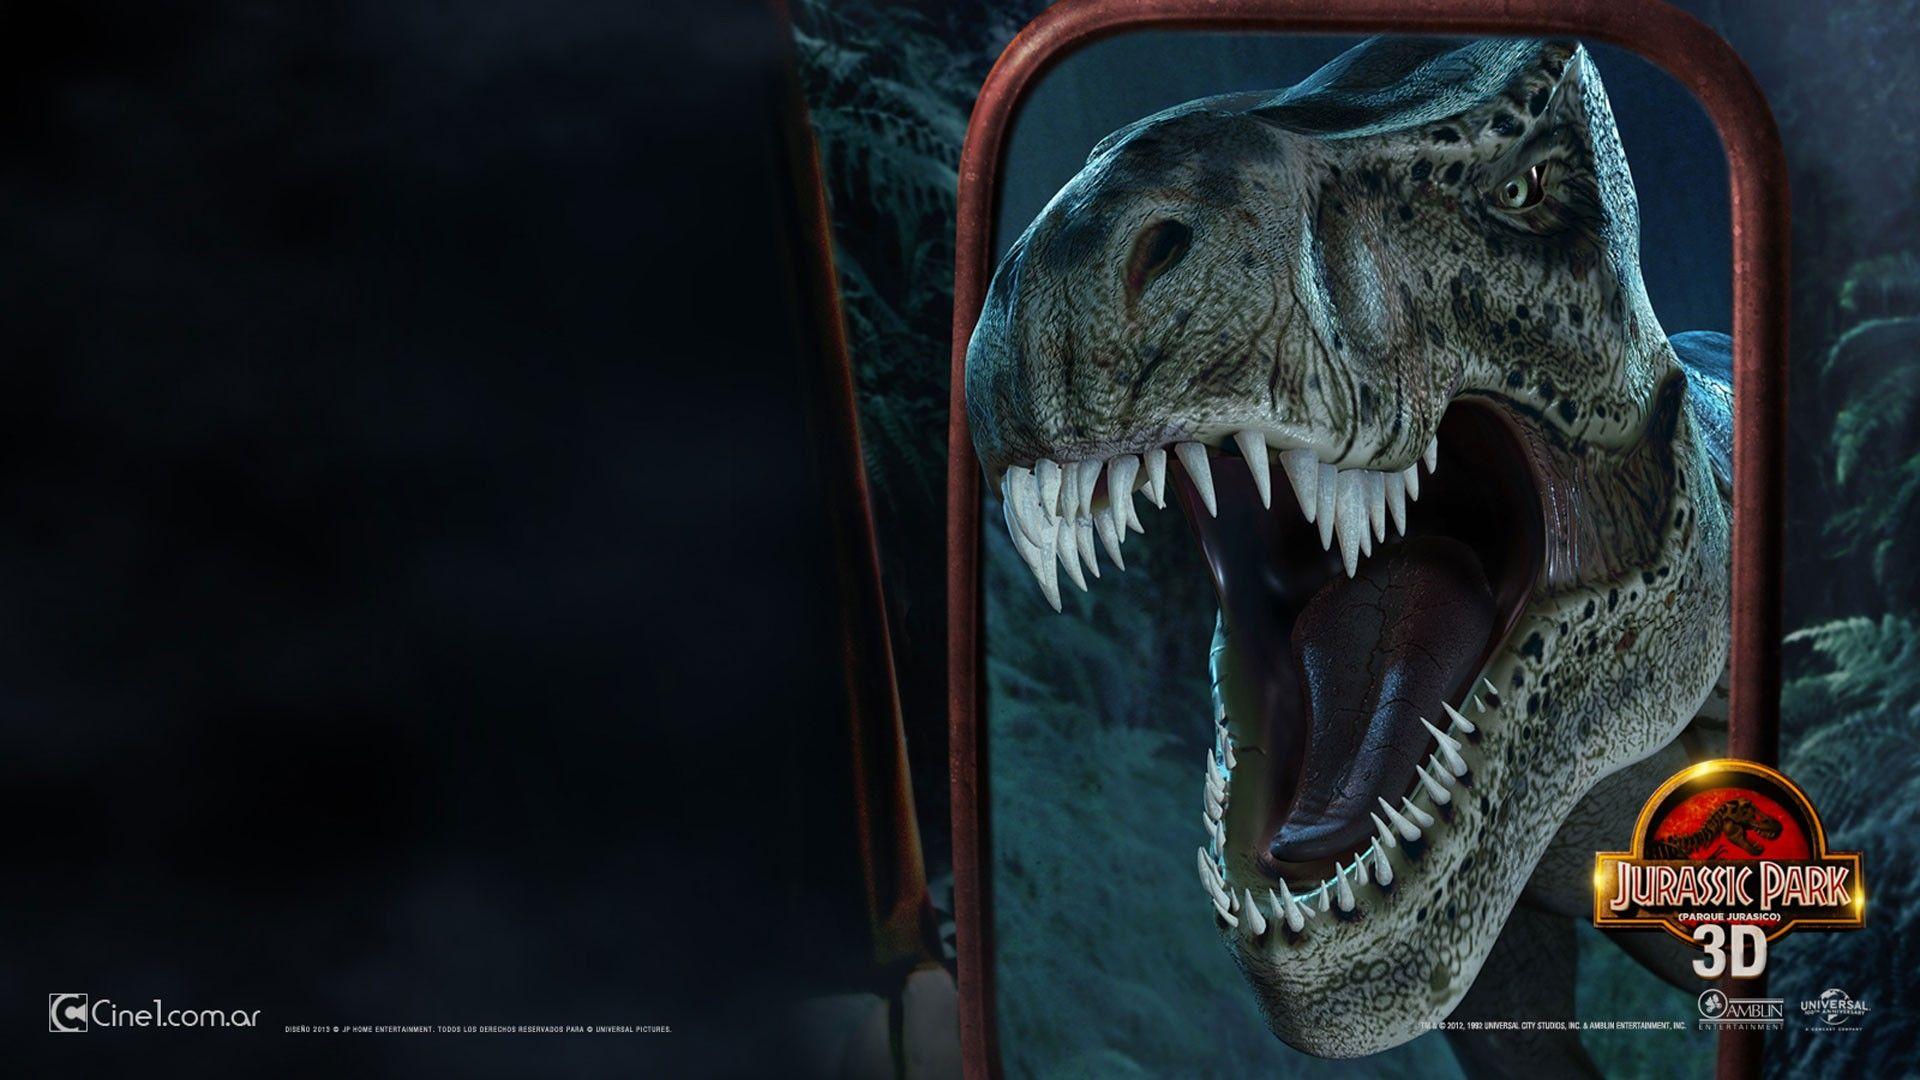 Jurassic Park Spinosaurus Wallpaper Jurassic Park Spinosaurus